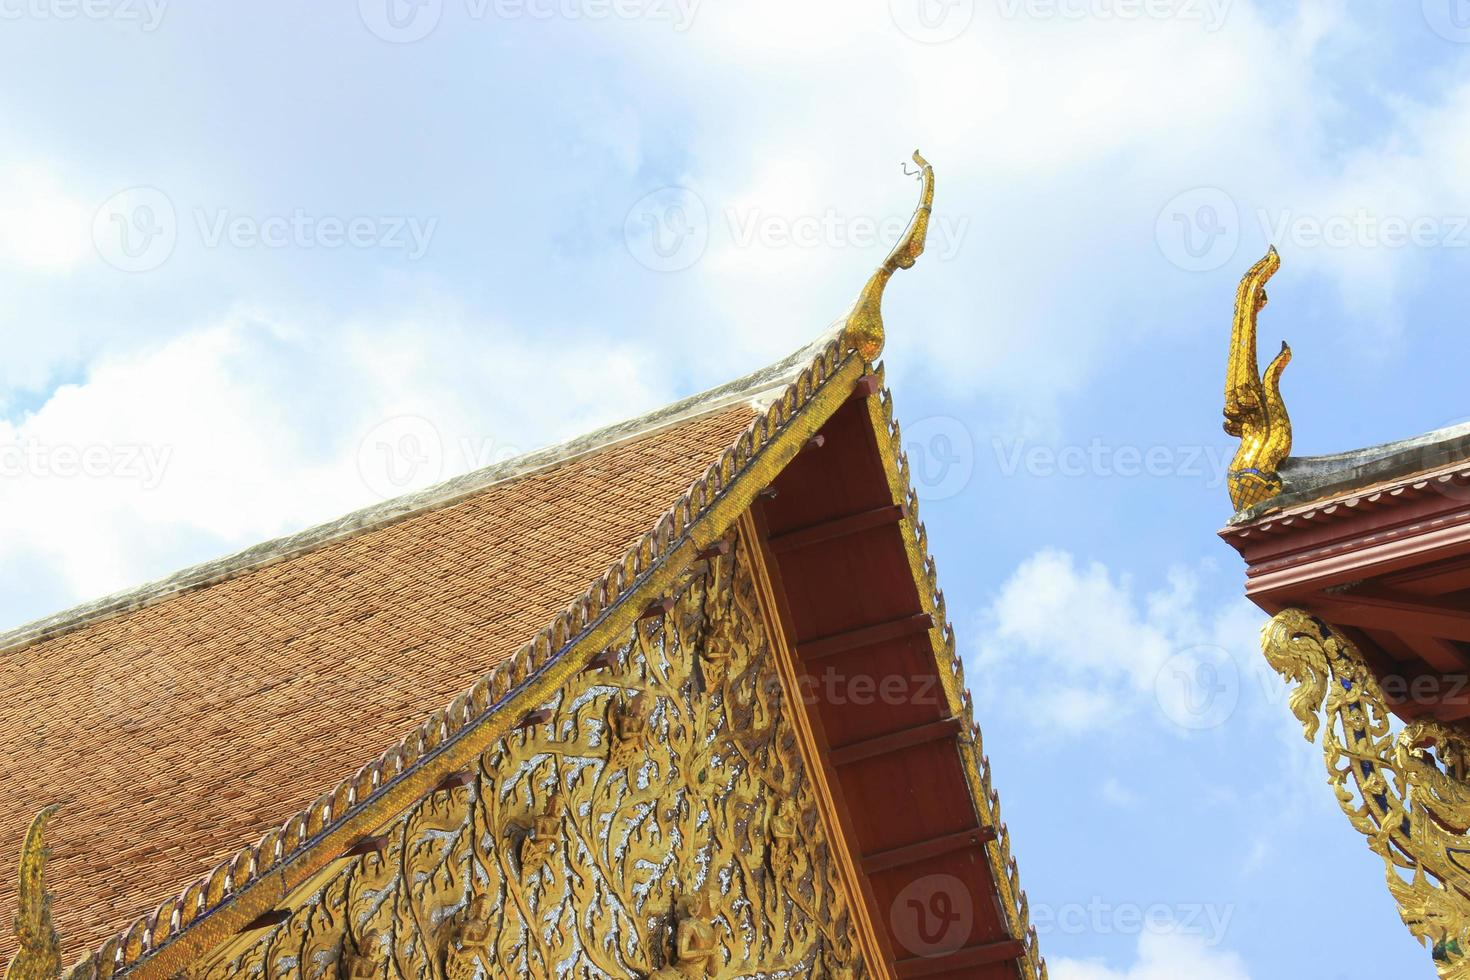 tetto del tempio tailandese foto